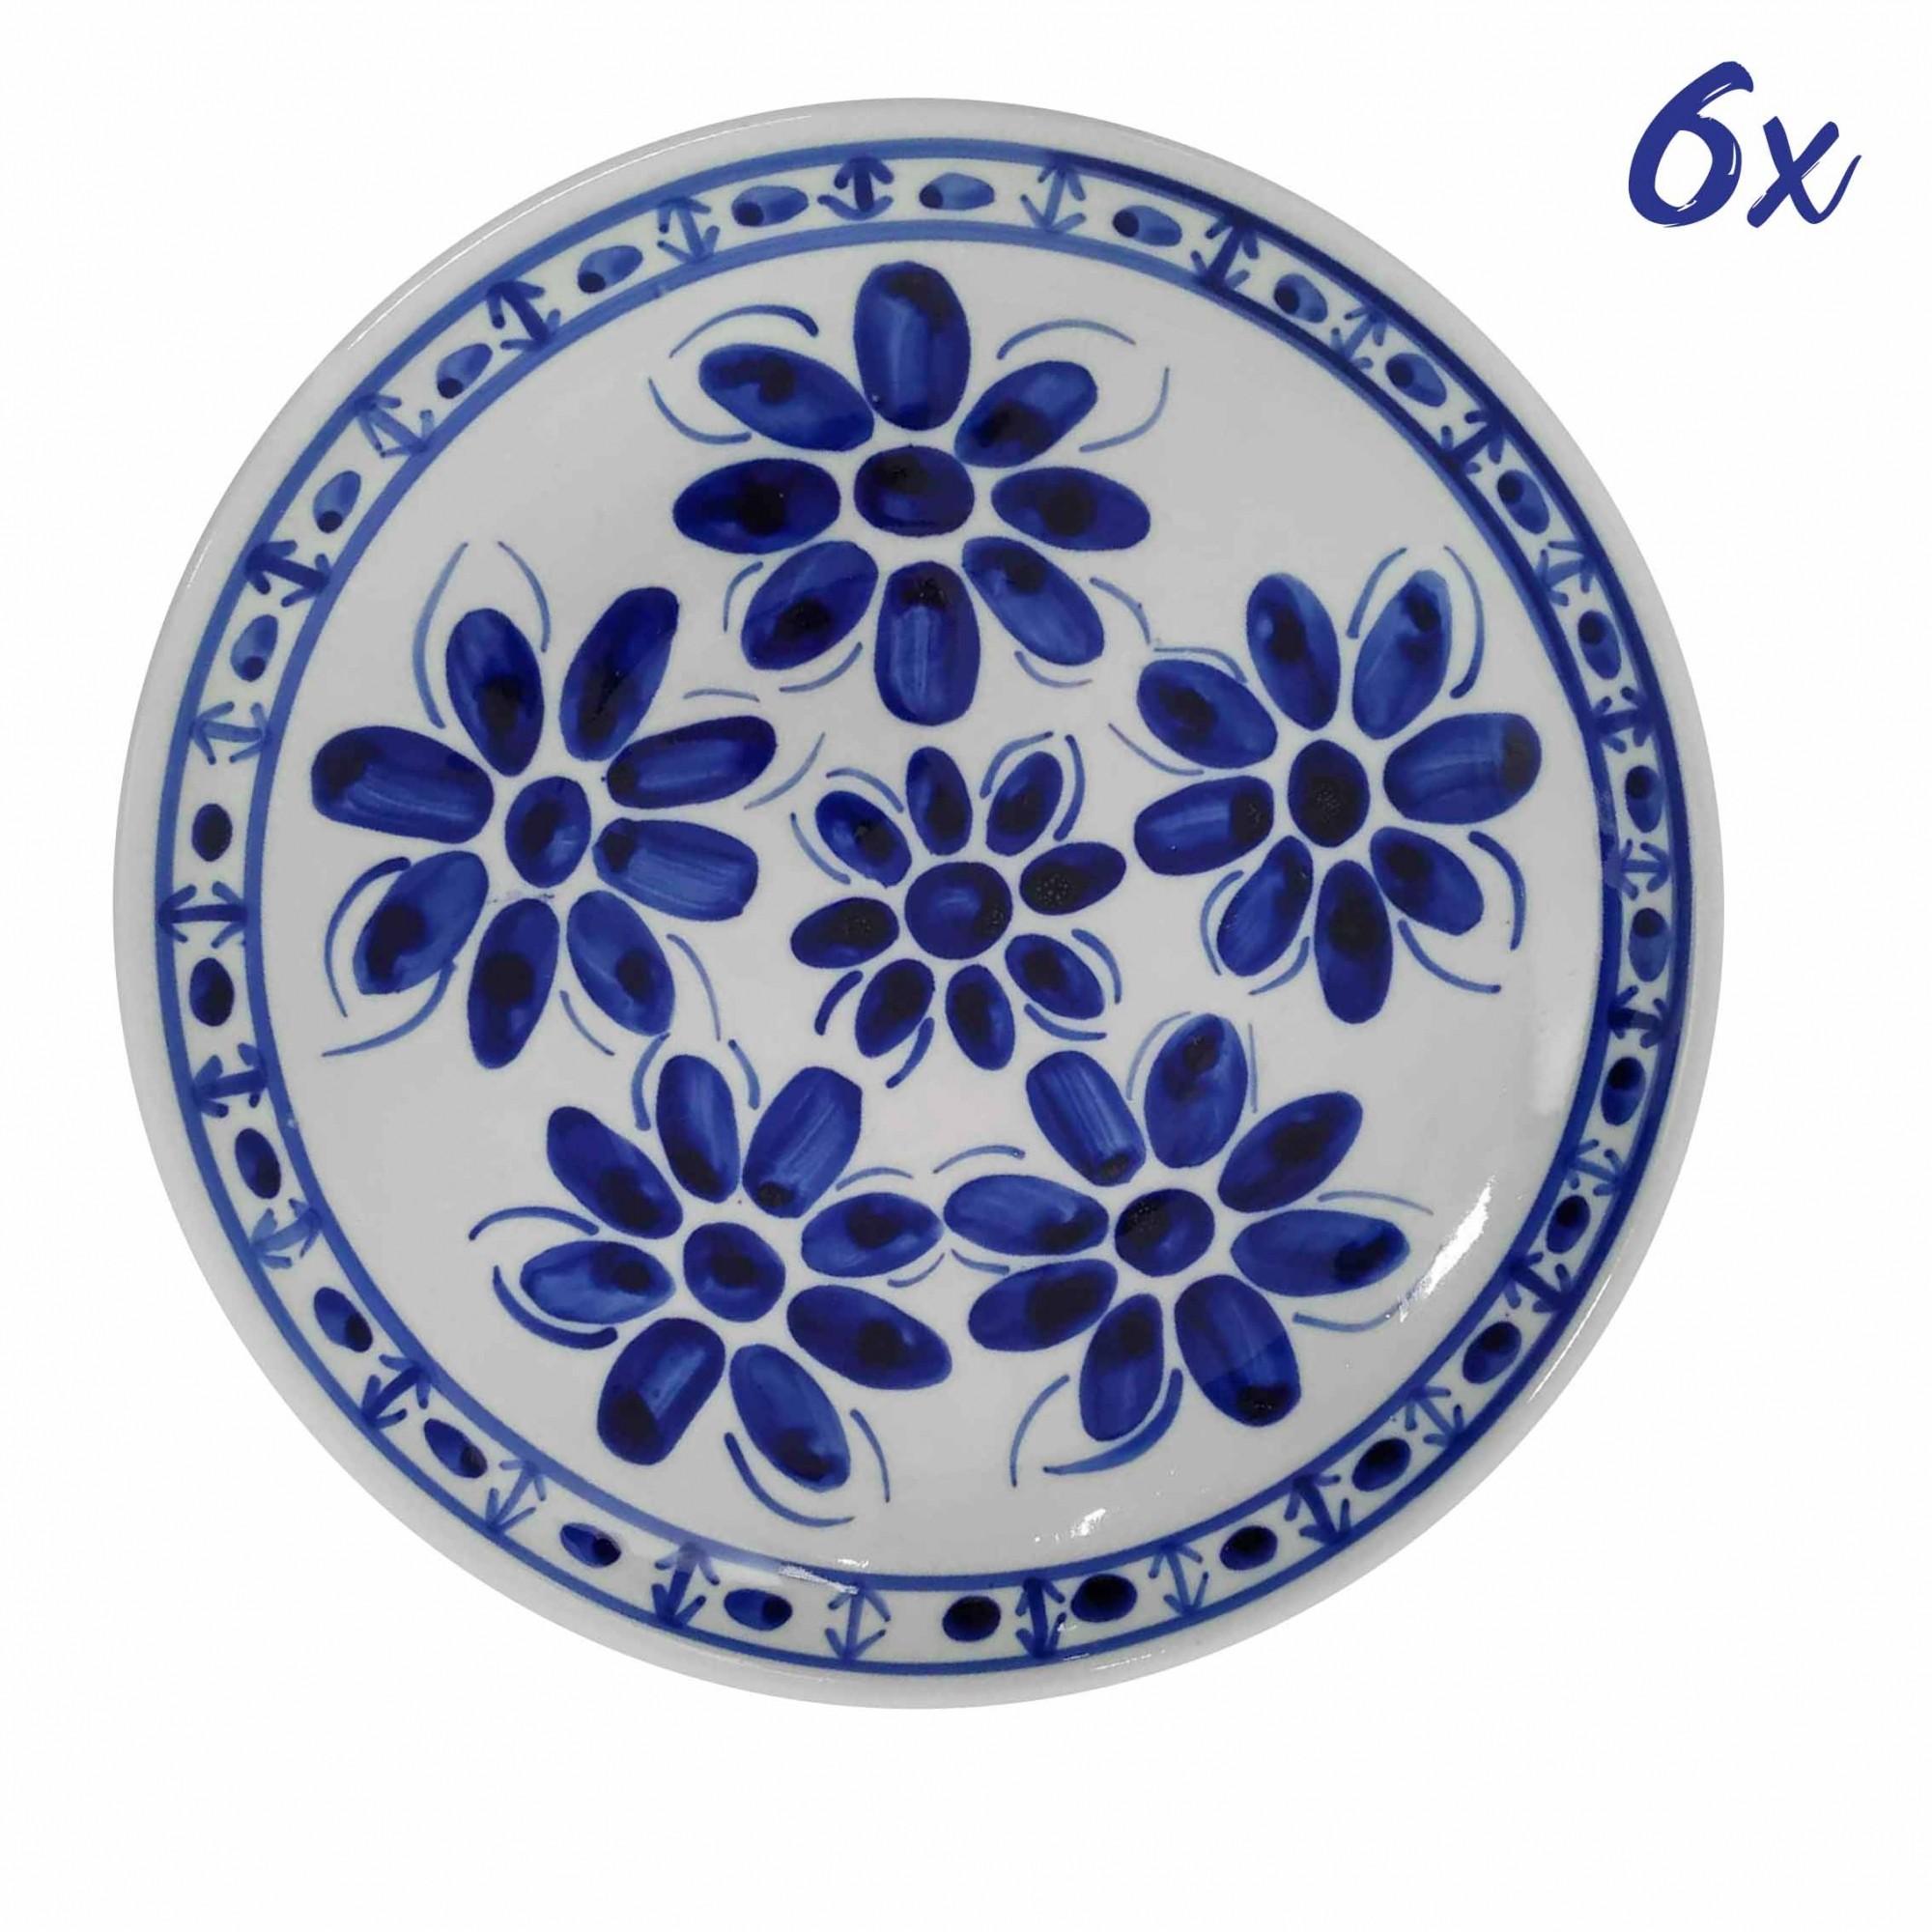 Jogo de 6 Pratos Rasos 22,5 cm Porcelana Azul Colonial